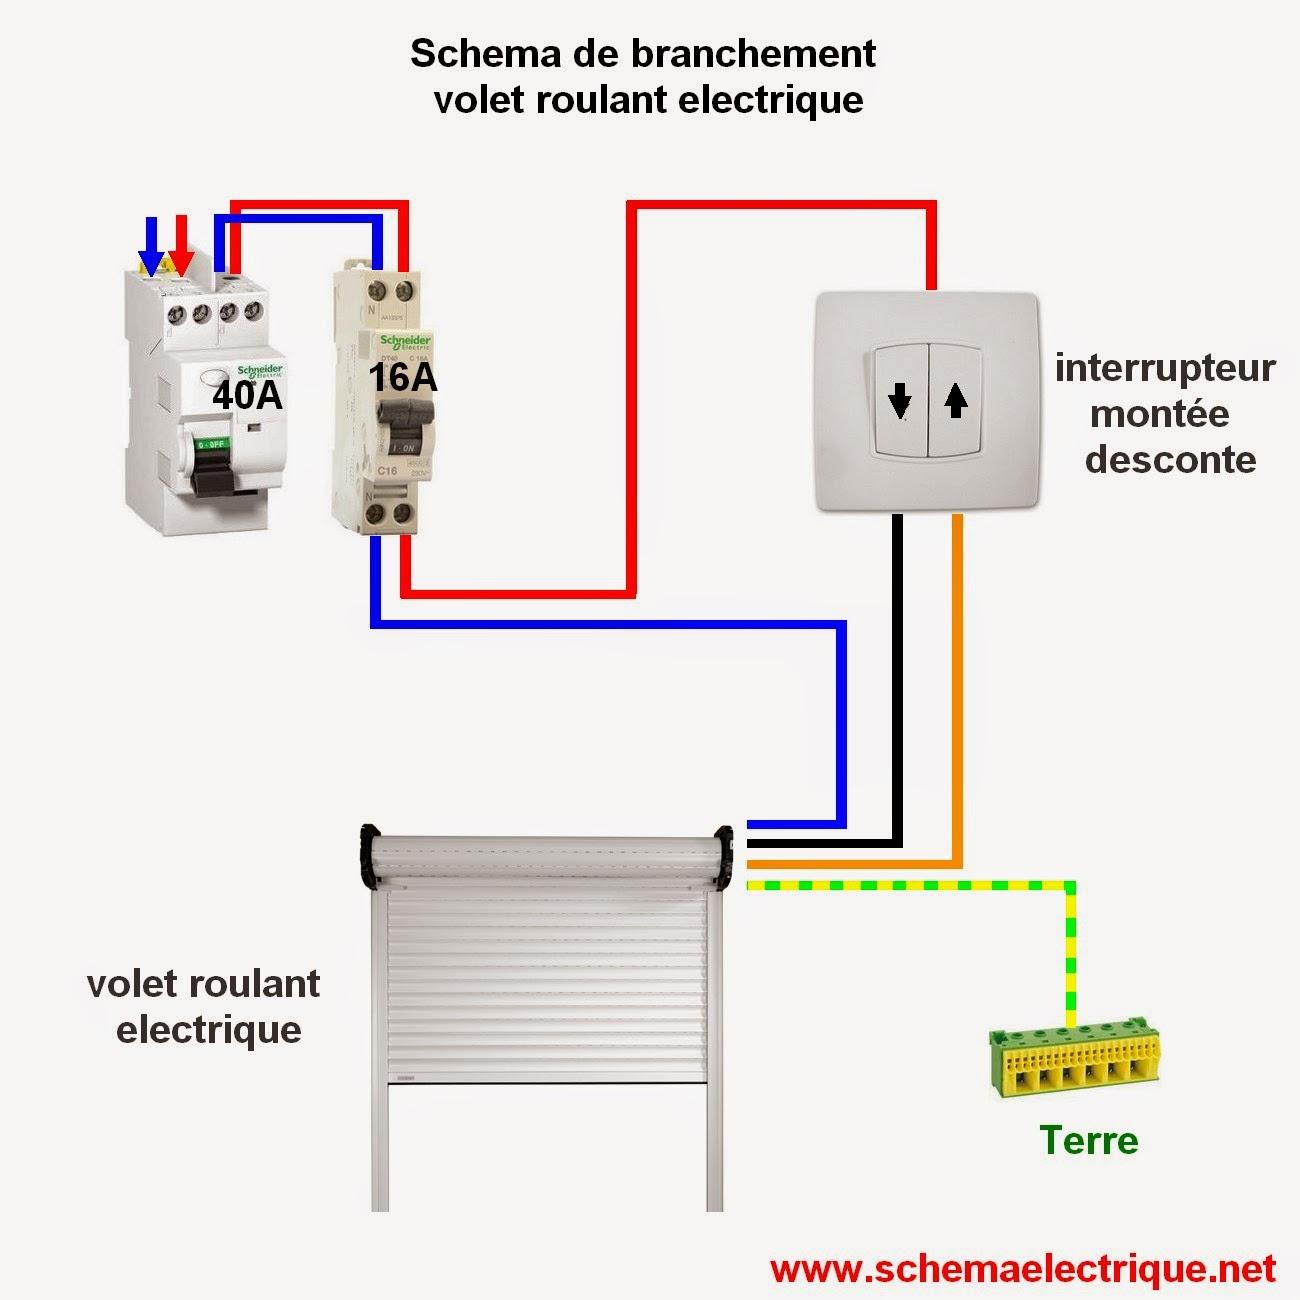 Schema electrique branchement cablage - Detecteur de mouvement leroy merlin ...